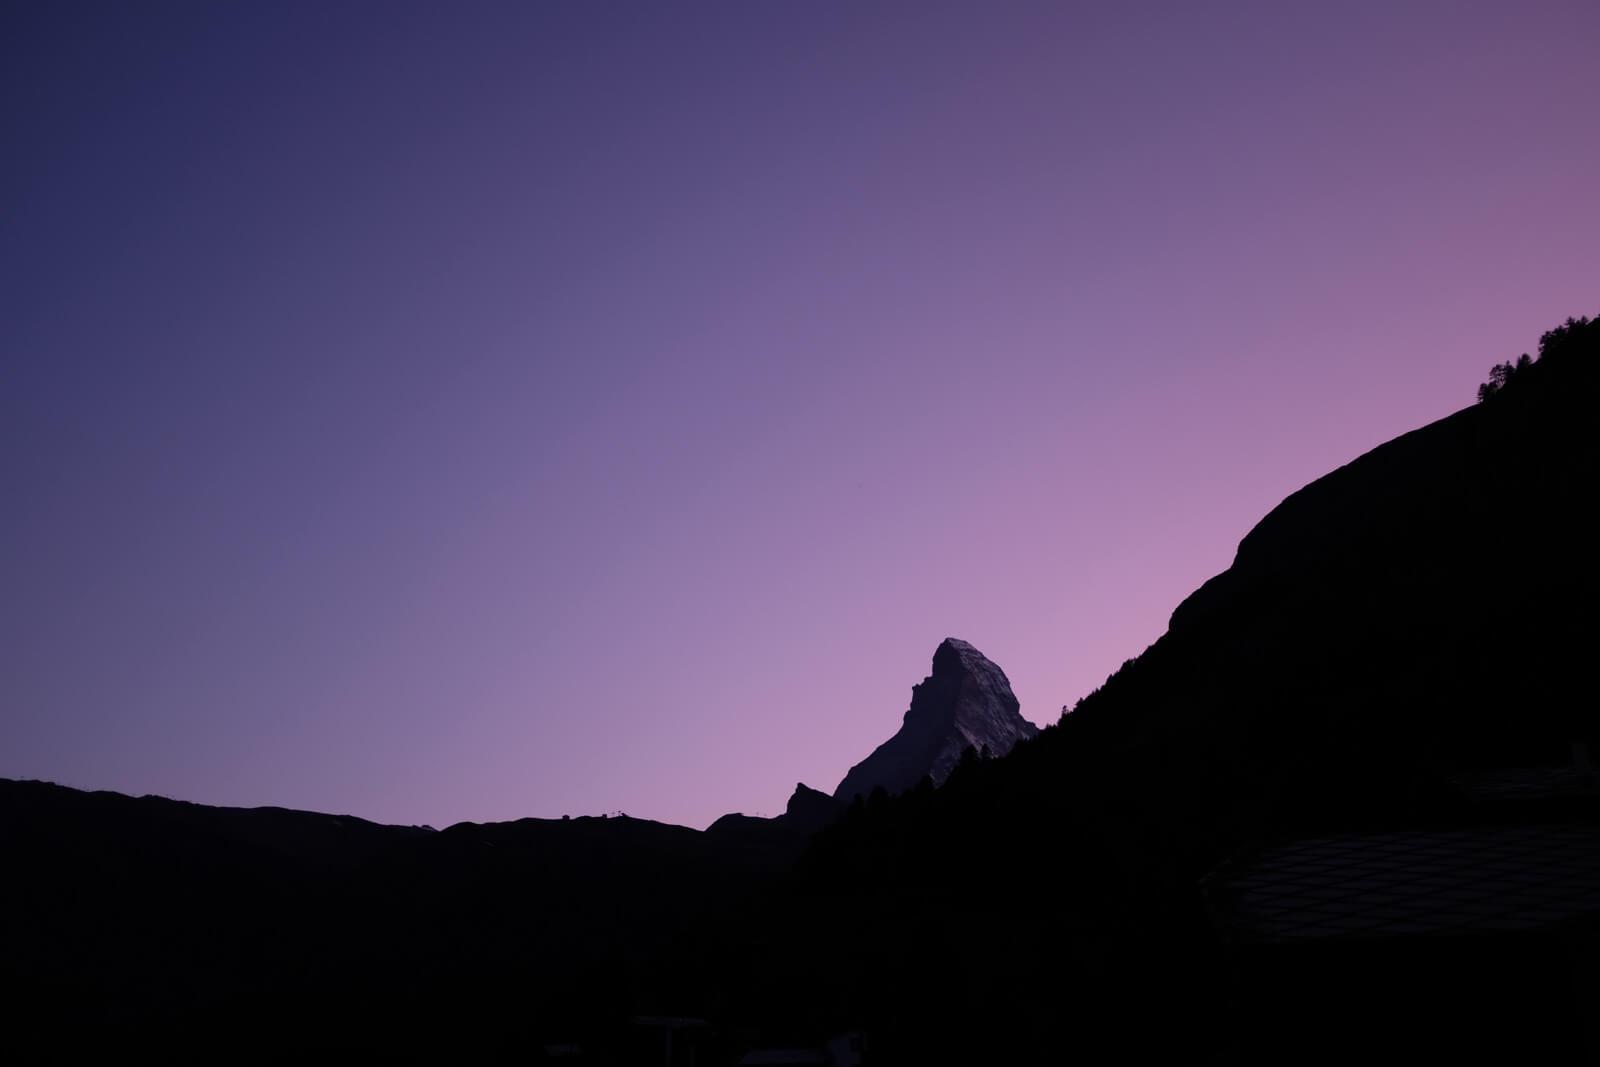 Matterhorn at Dusk, September 2019